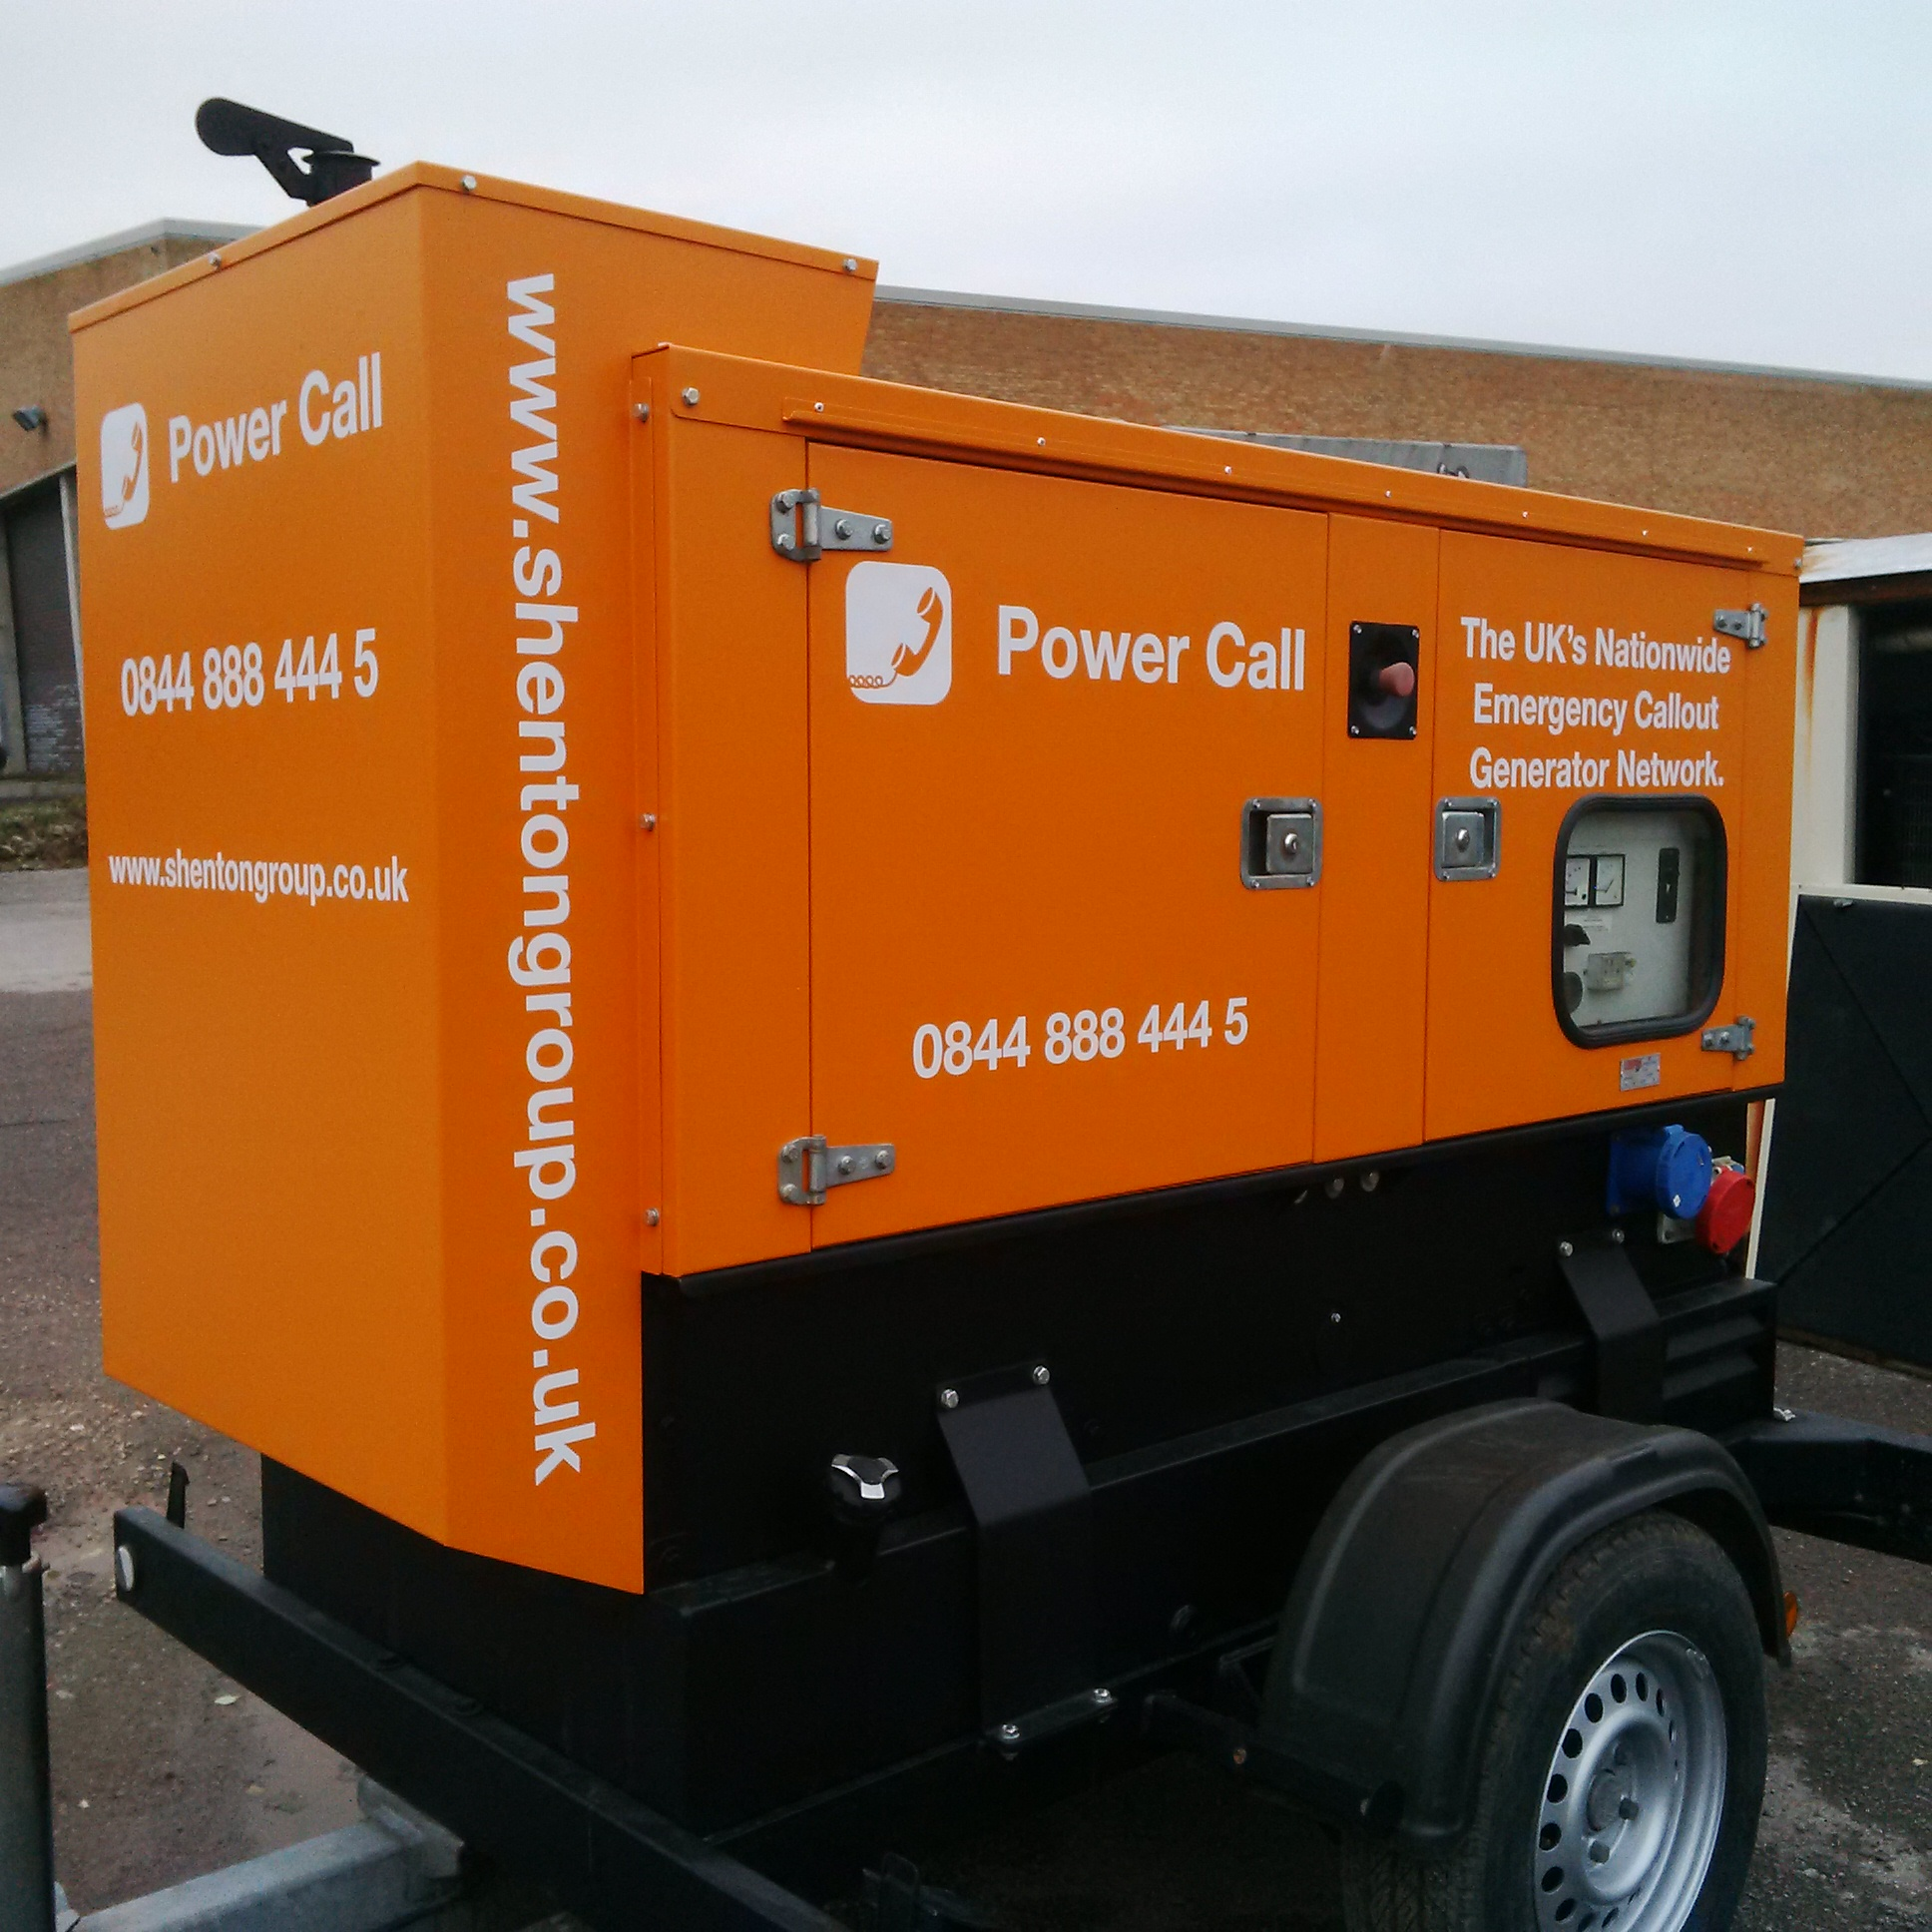 Power Call Generators a makeover at shentongroup